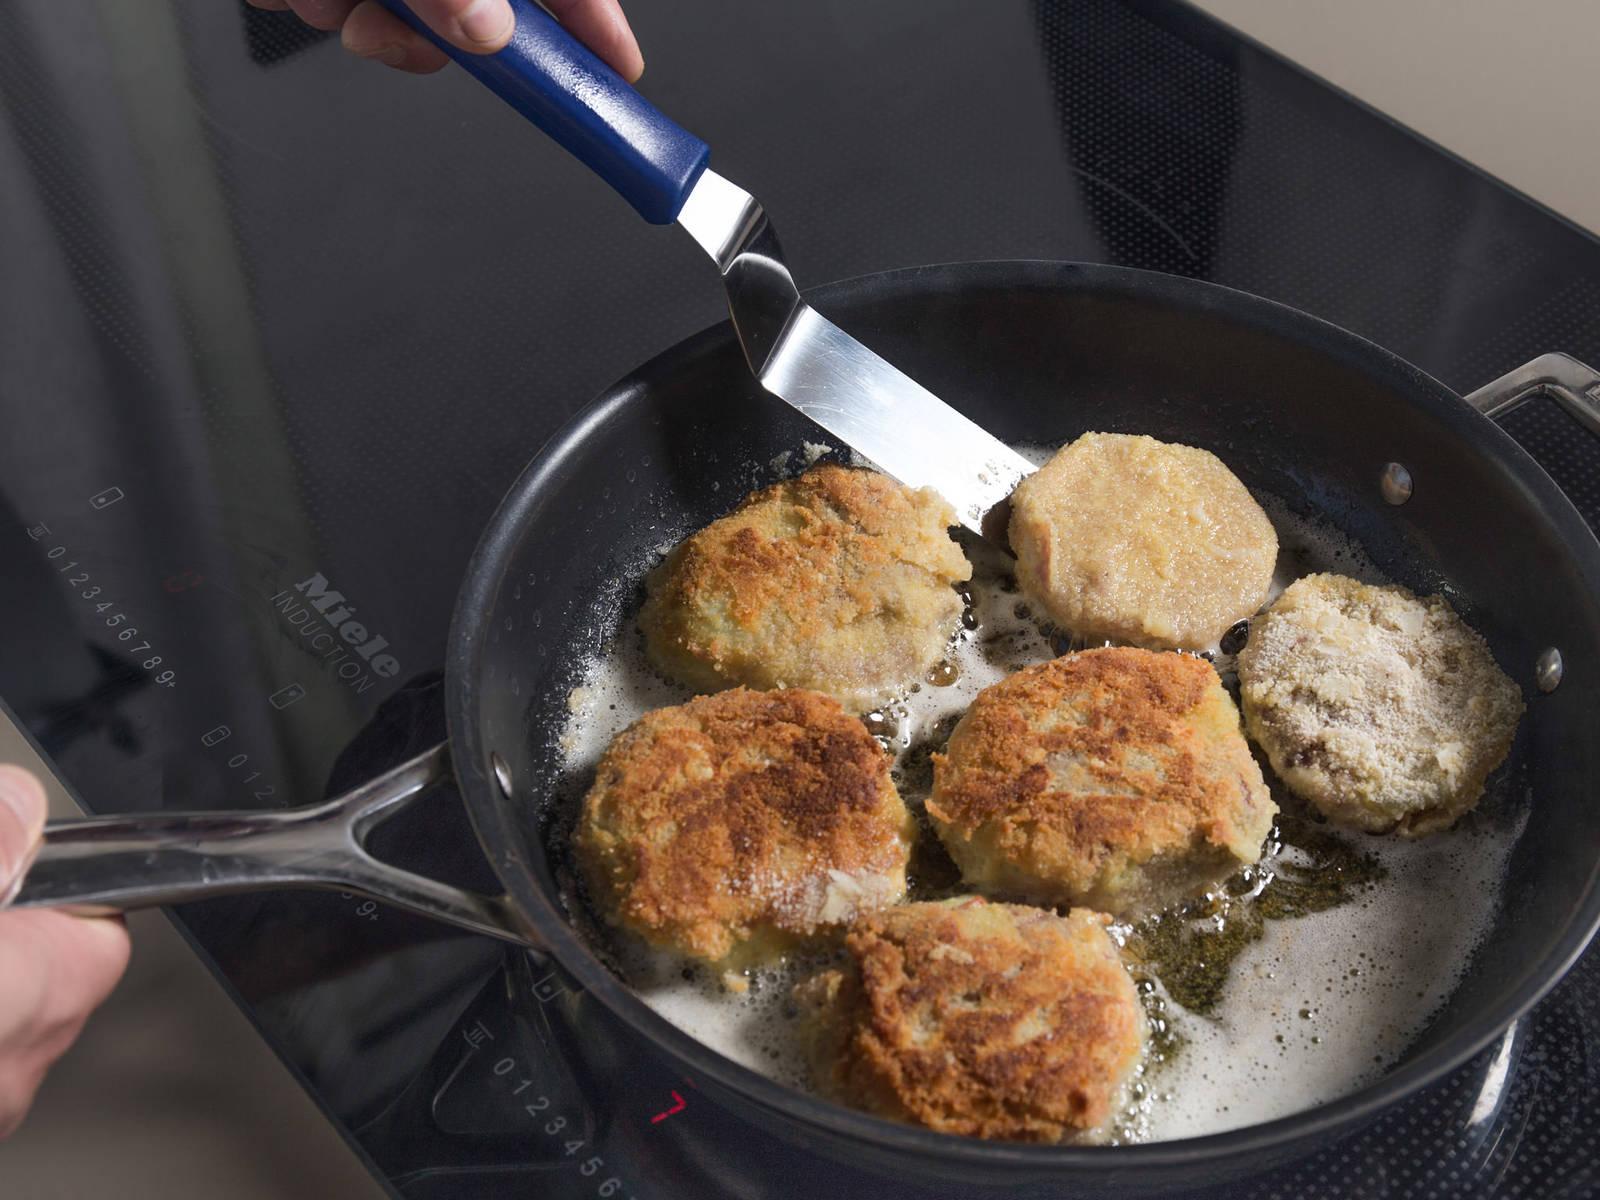 在煎锅中,中高火加热澄清黄油和植物油。放入苤蓝片,每面炸5分钟或直至苤蓝片变棕色。放到铺好厨房纸的盘中吸干多余油分。搭配青酱享用。祝好胃口!